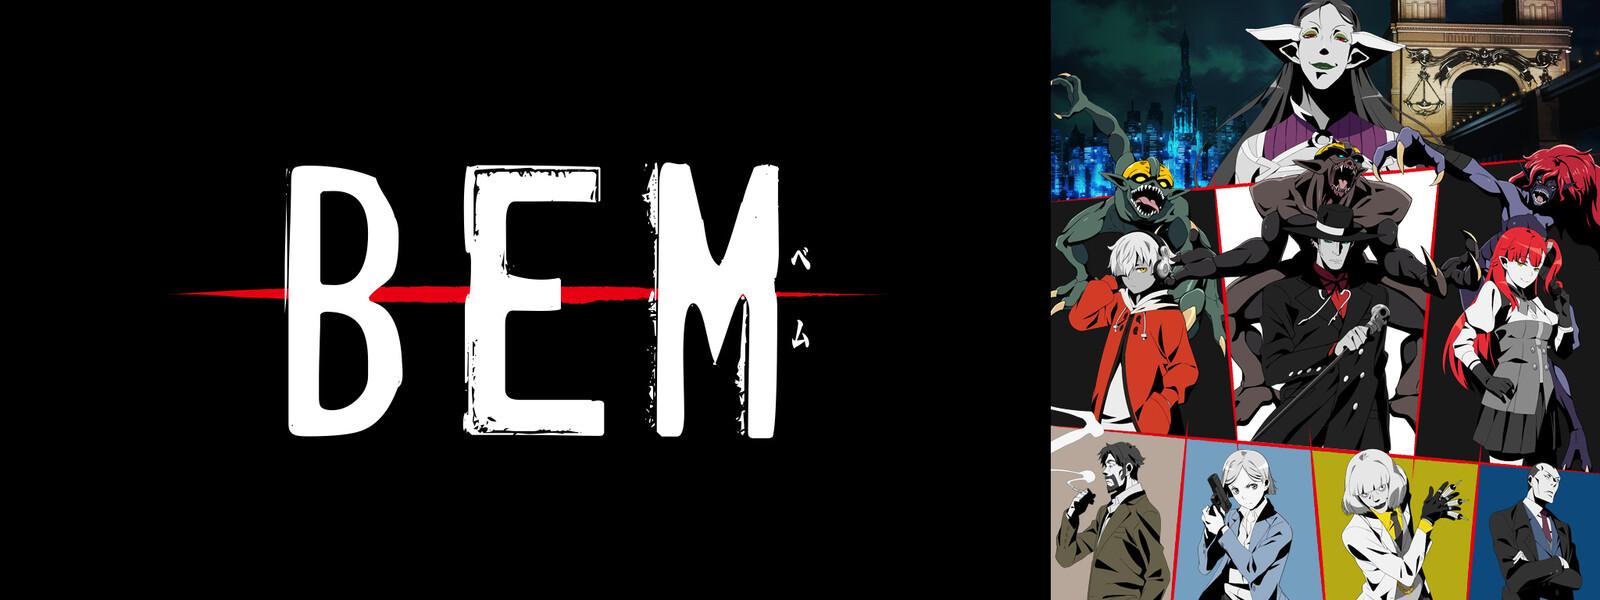 BEM(妖怪人間ベム)